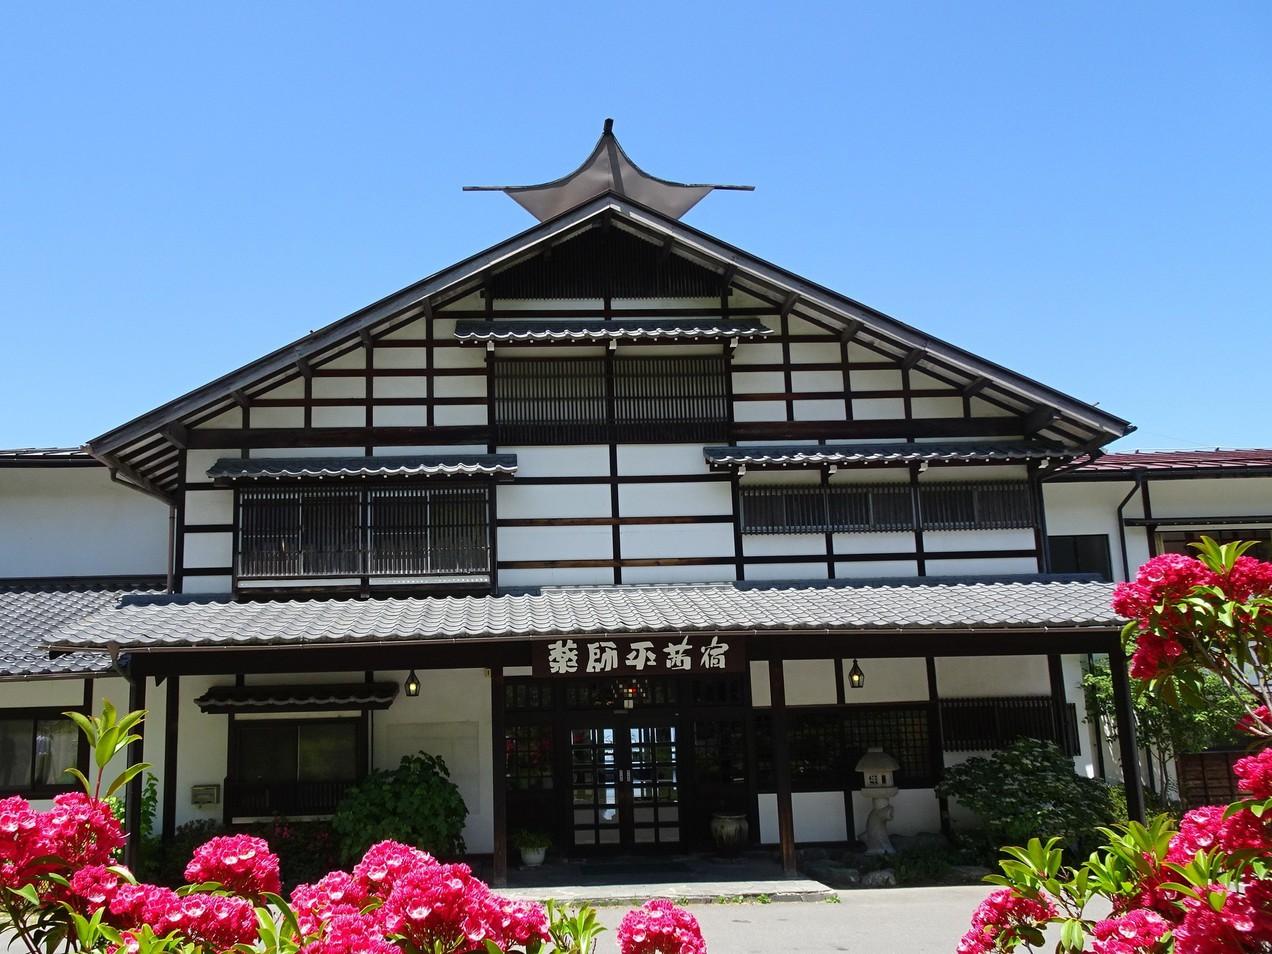 薬師平 茜宿(薬師平ホテル)